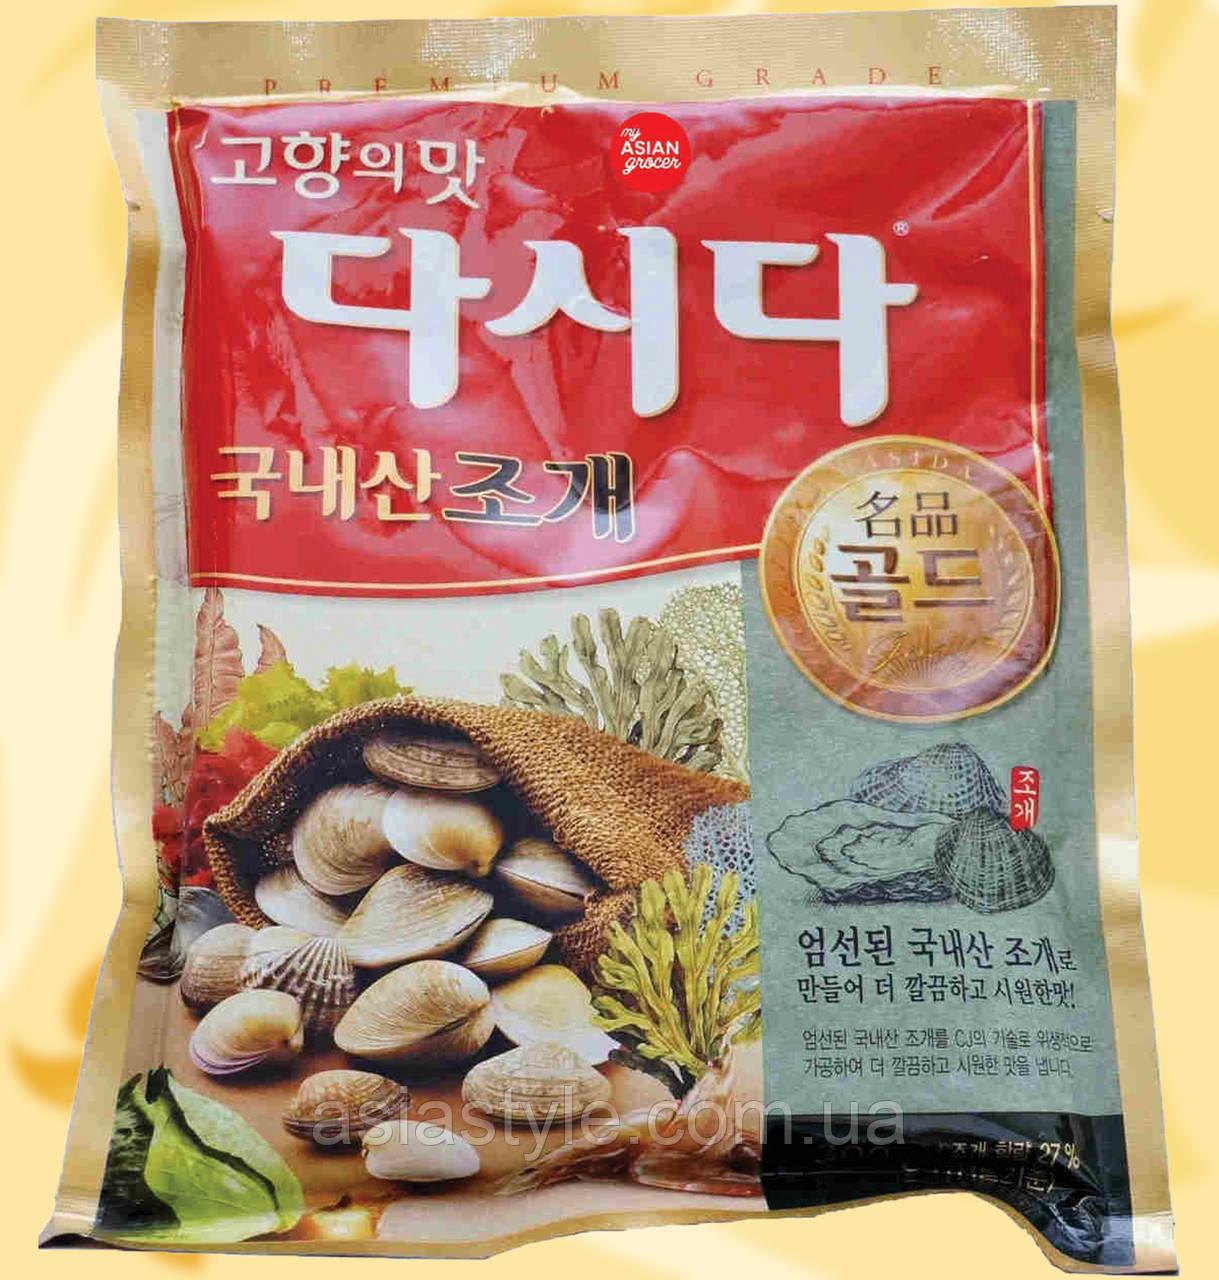 Приправа з молюсків, Дашіда, Корея, Бульйон з морепродуктів, 500г, СтВоЧЮм